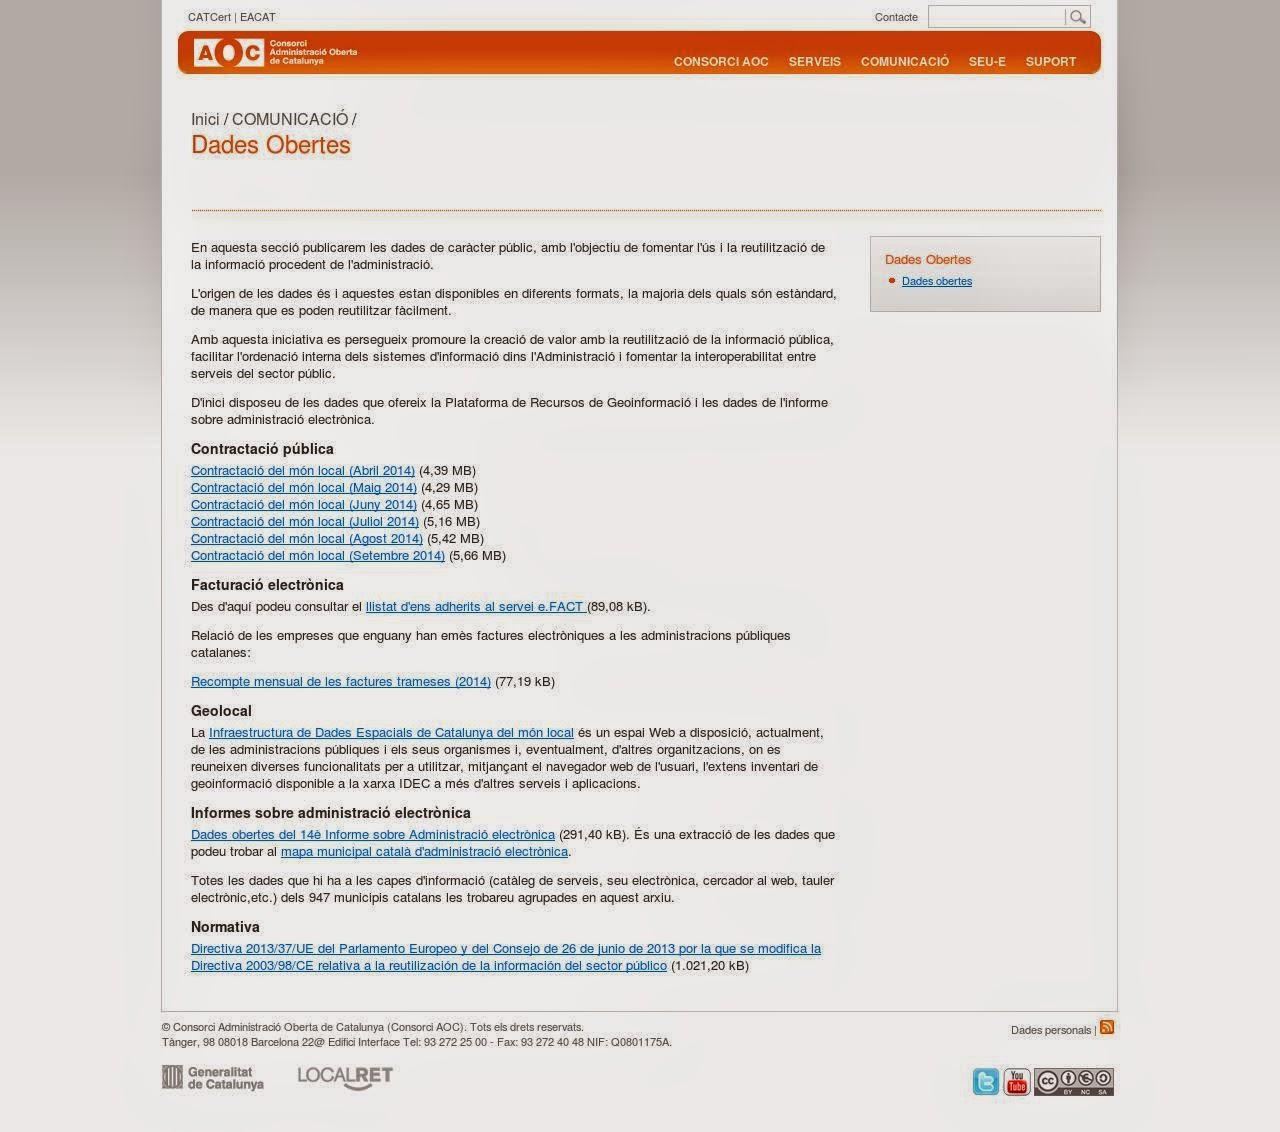 http://www.aoc.cat/Inici/COMUNICACIO/Dades-Obertes